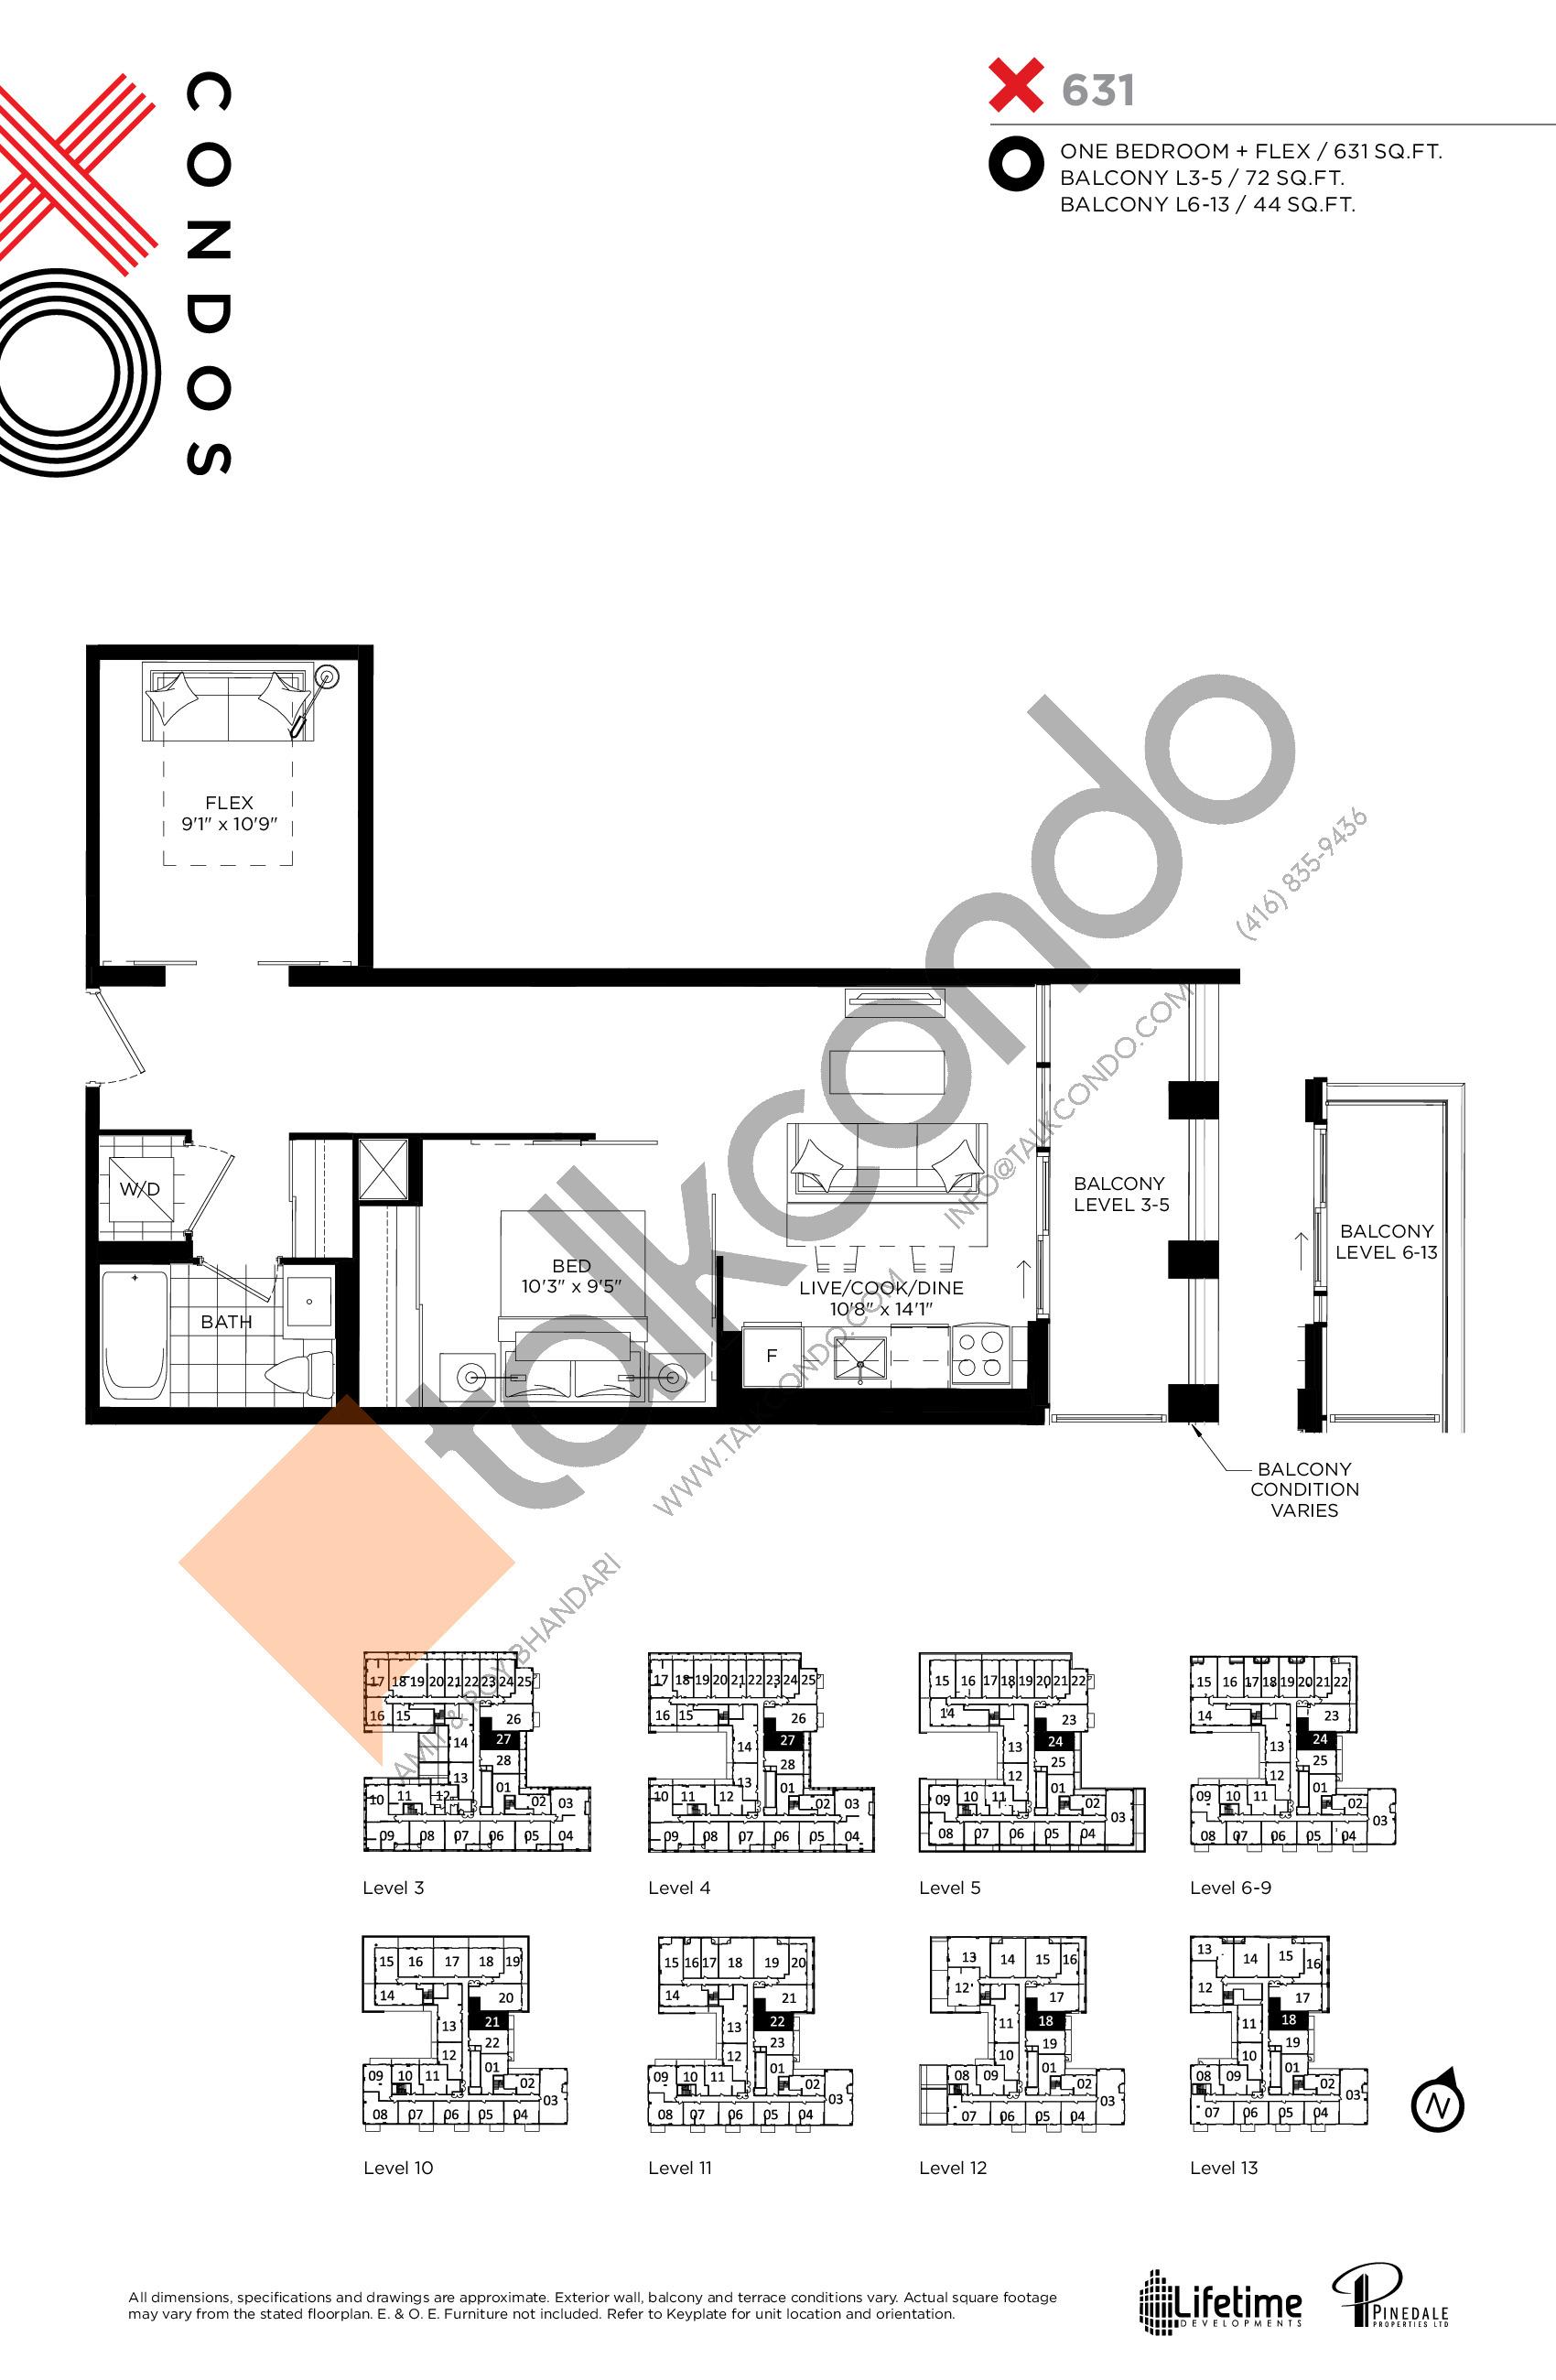 X631 Floor Plan at XO Condos - 631 sq.ft